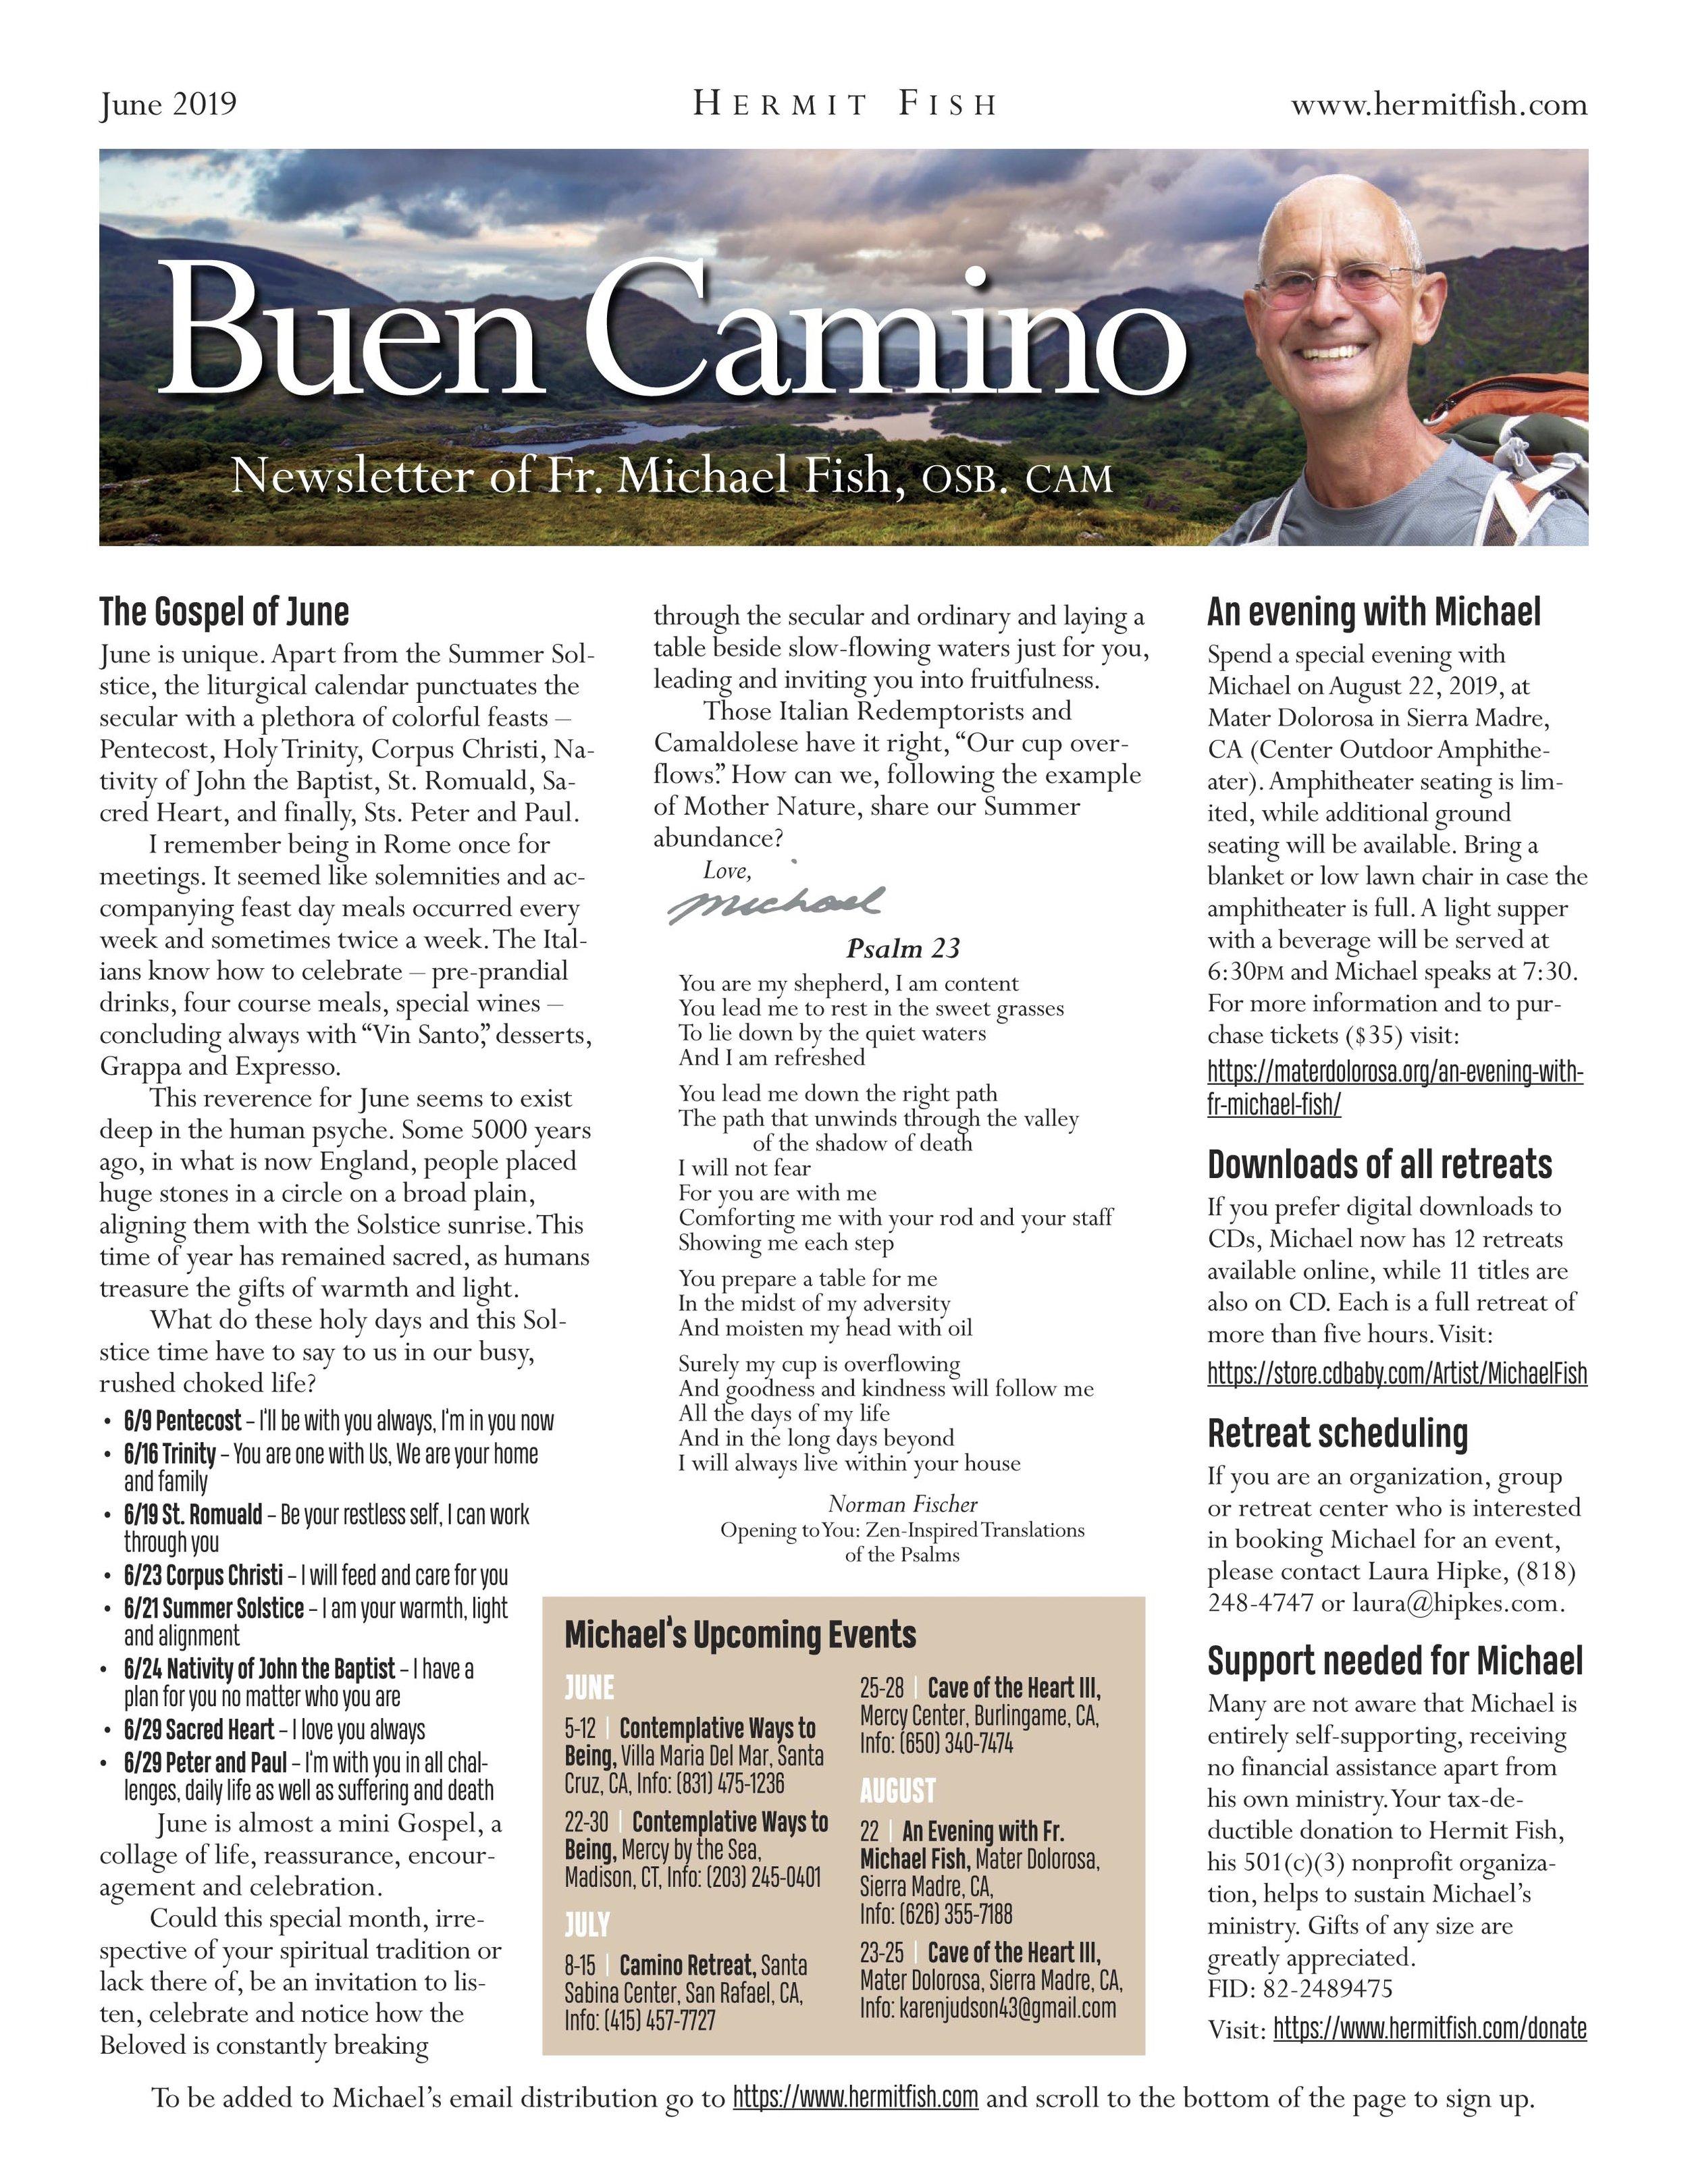 Buen Camino June 2019.jpg